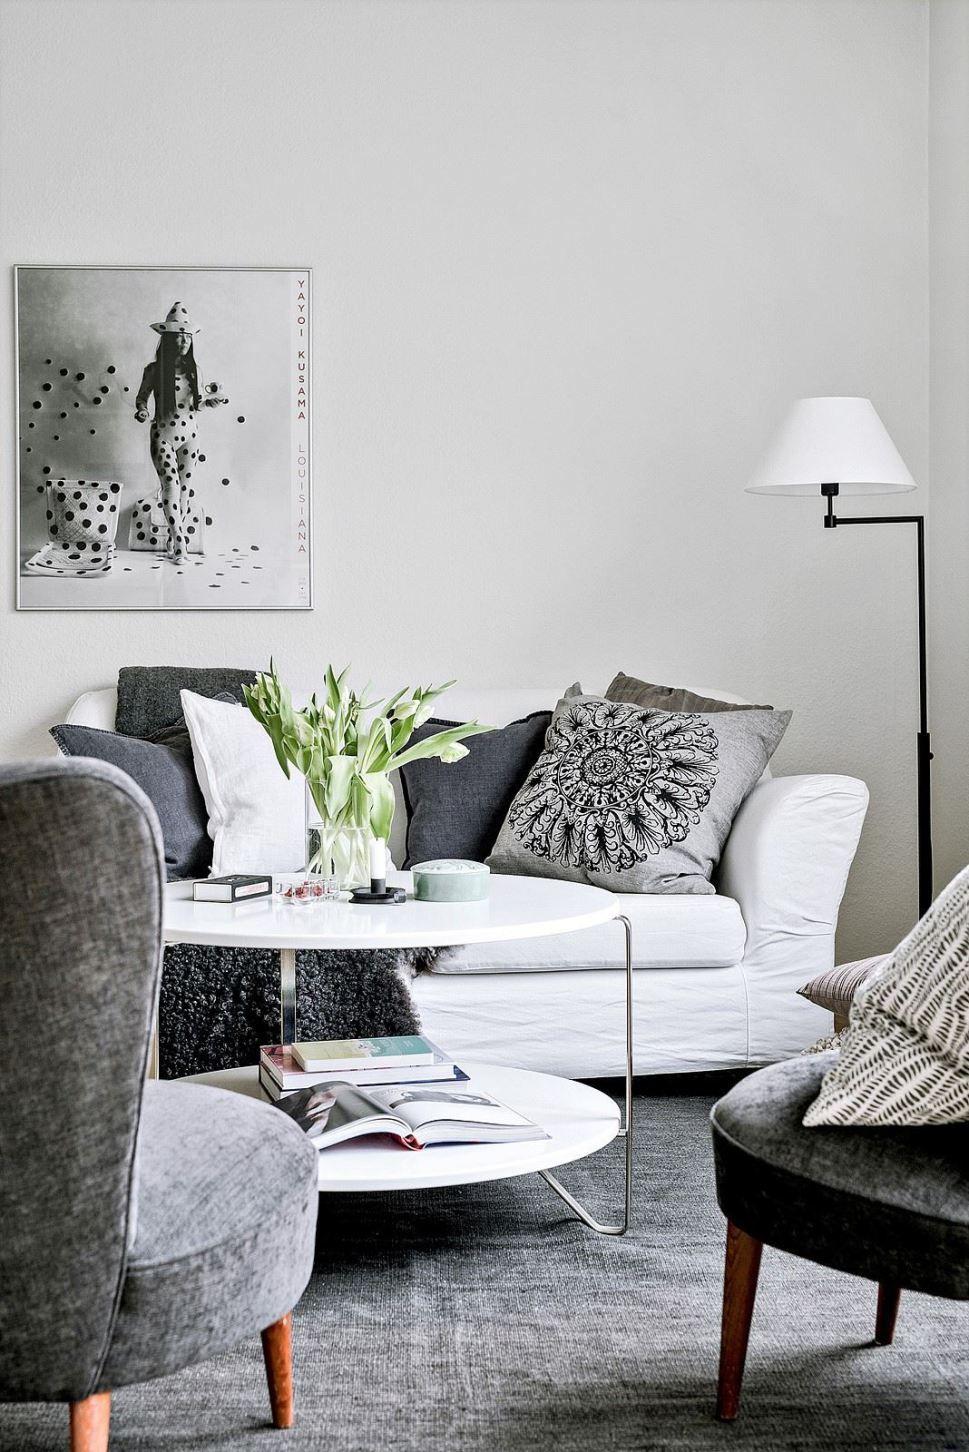 Un Studio Tout De Blanc Vetu With Images Small Living Room